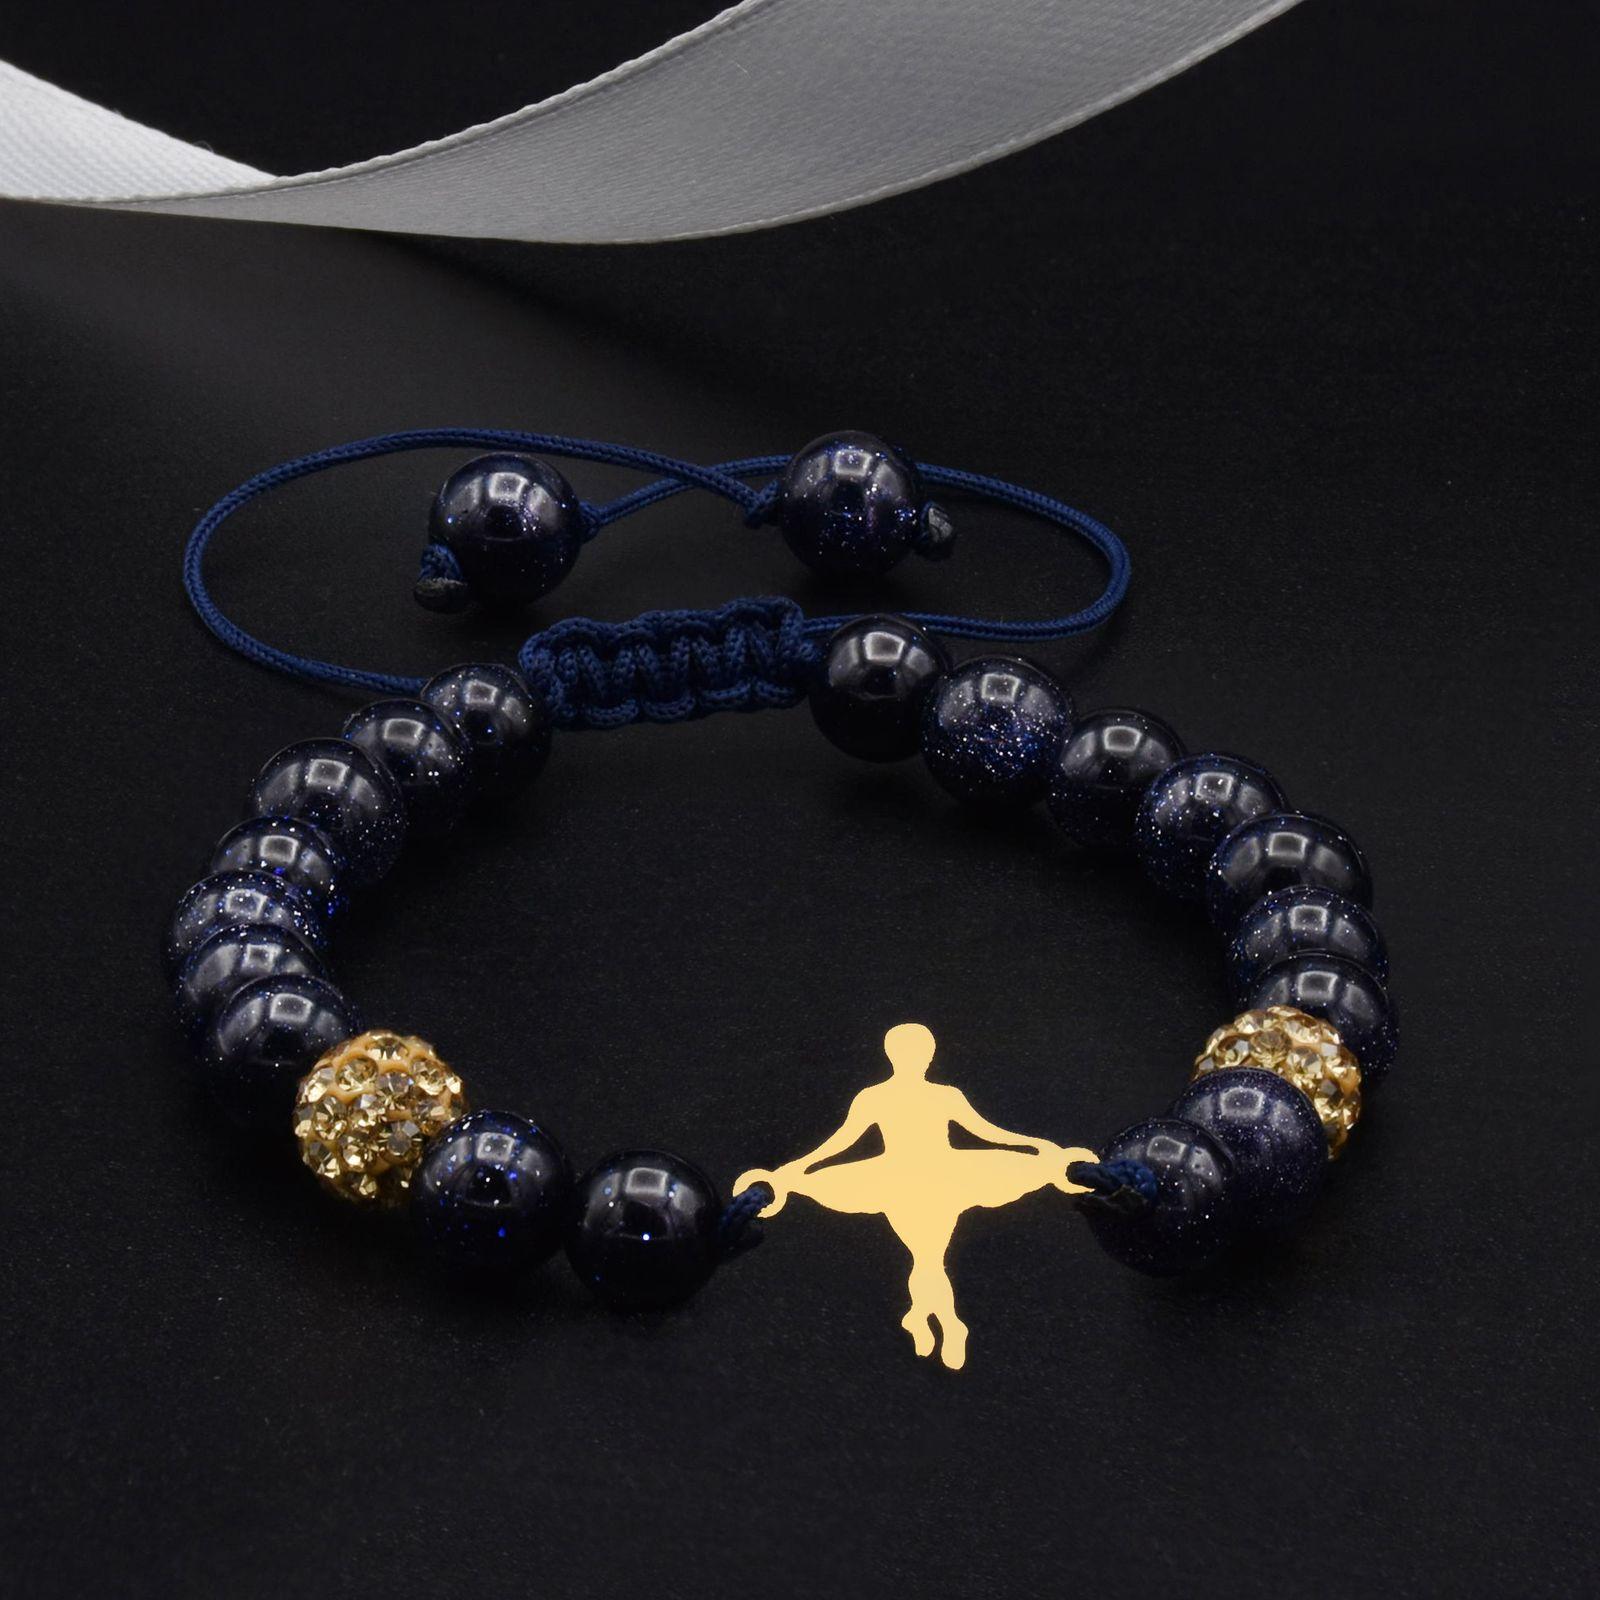 دستبند طلا 18 عیار زنانه آمانژ طرح بالرین کد 955D8902 -  - 1